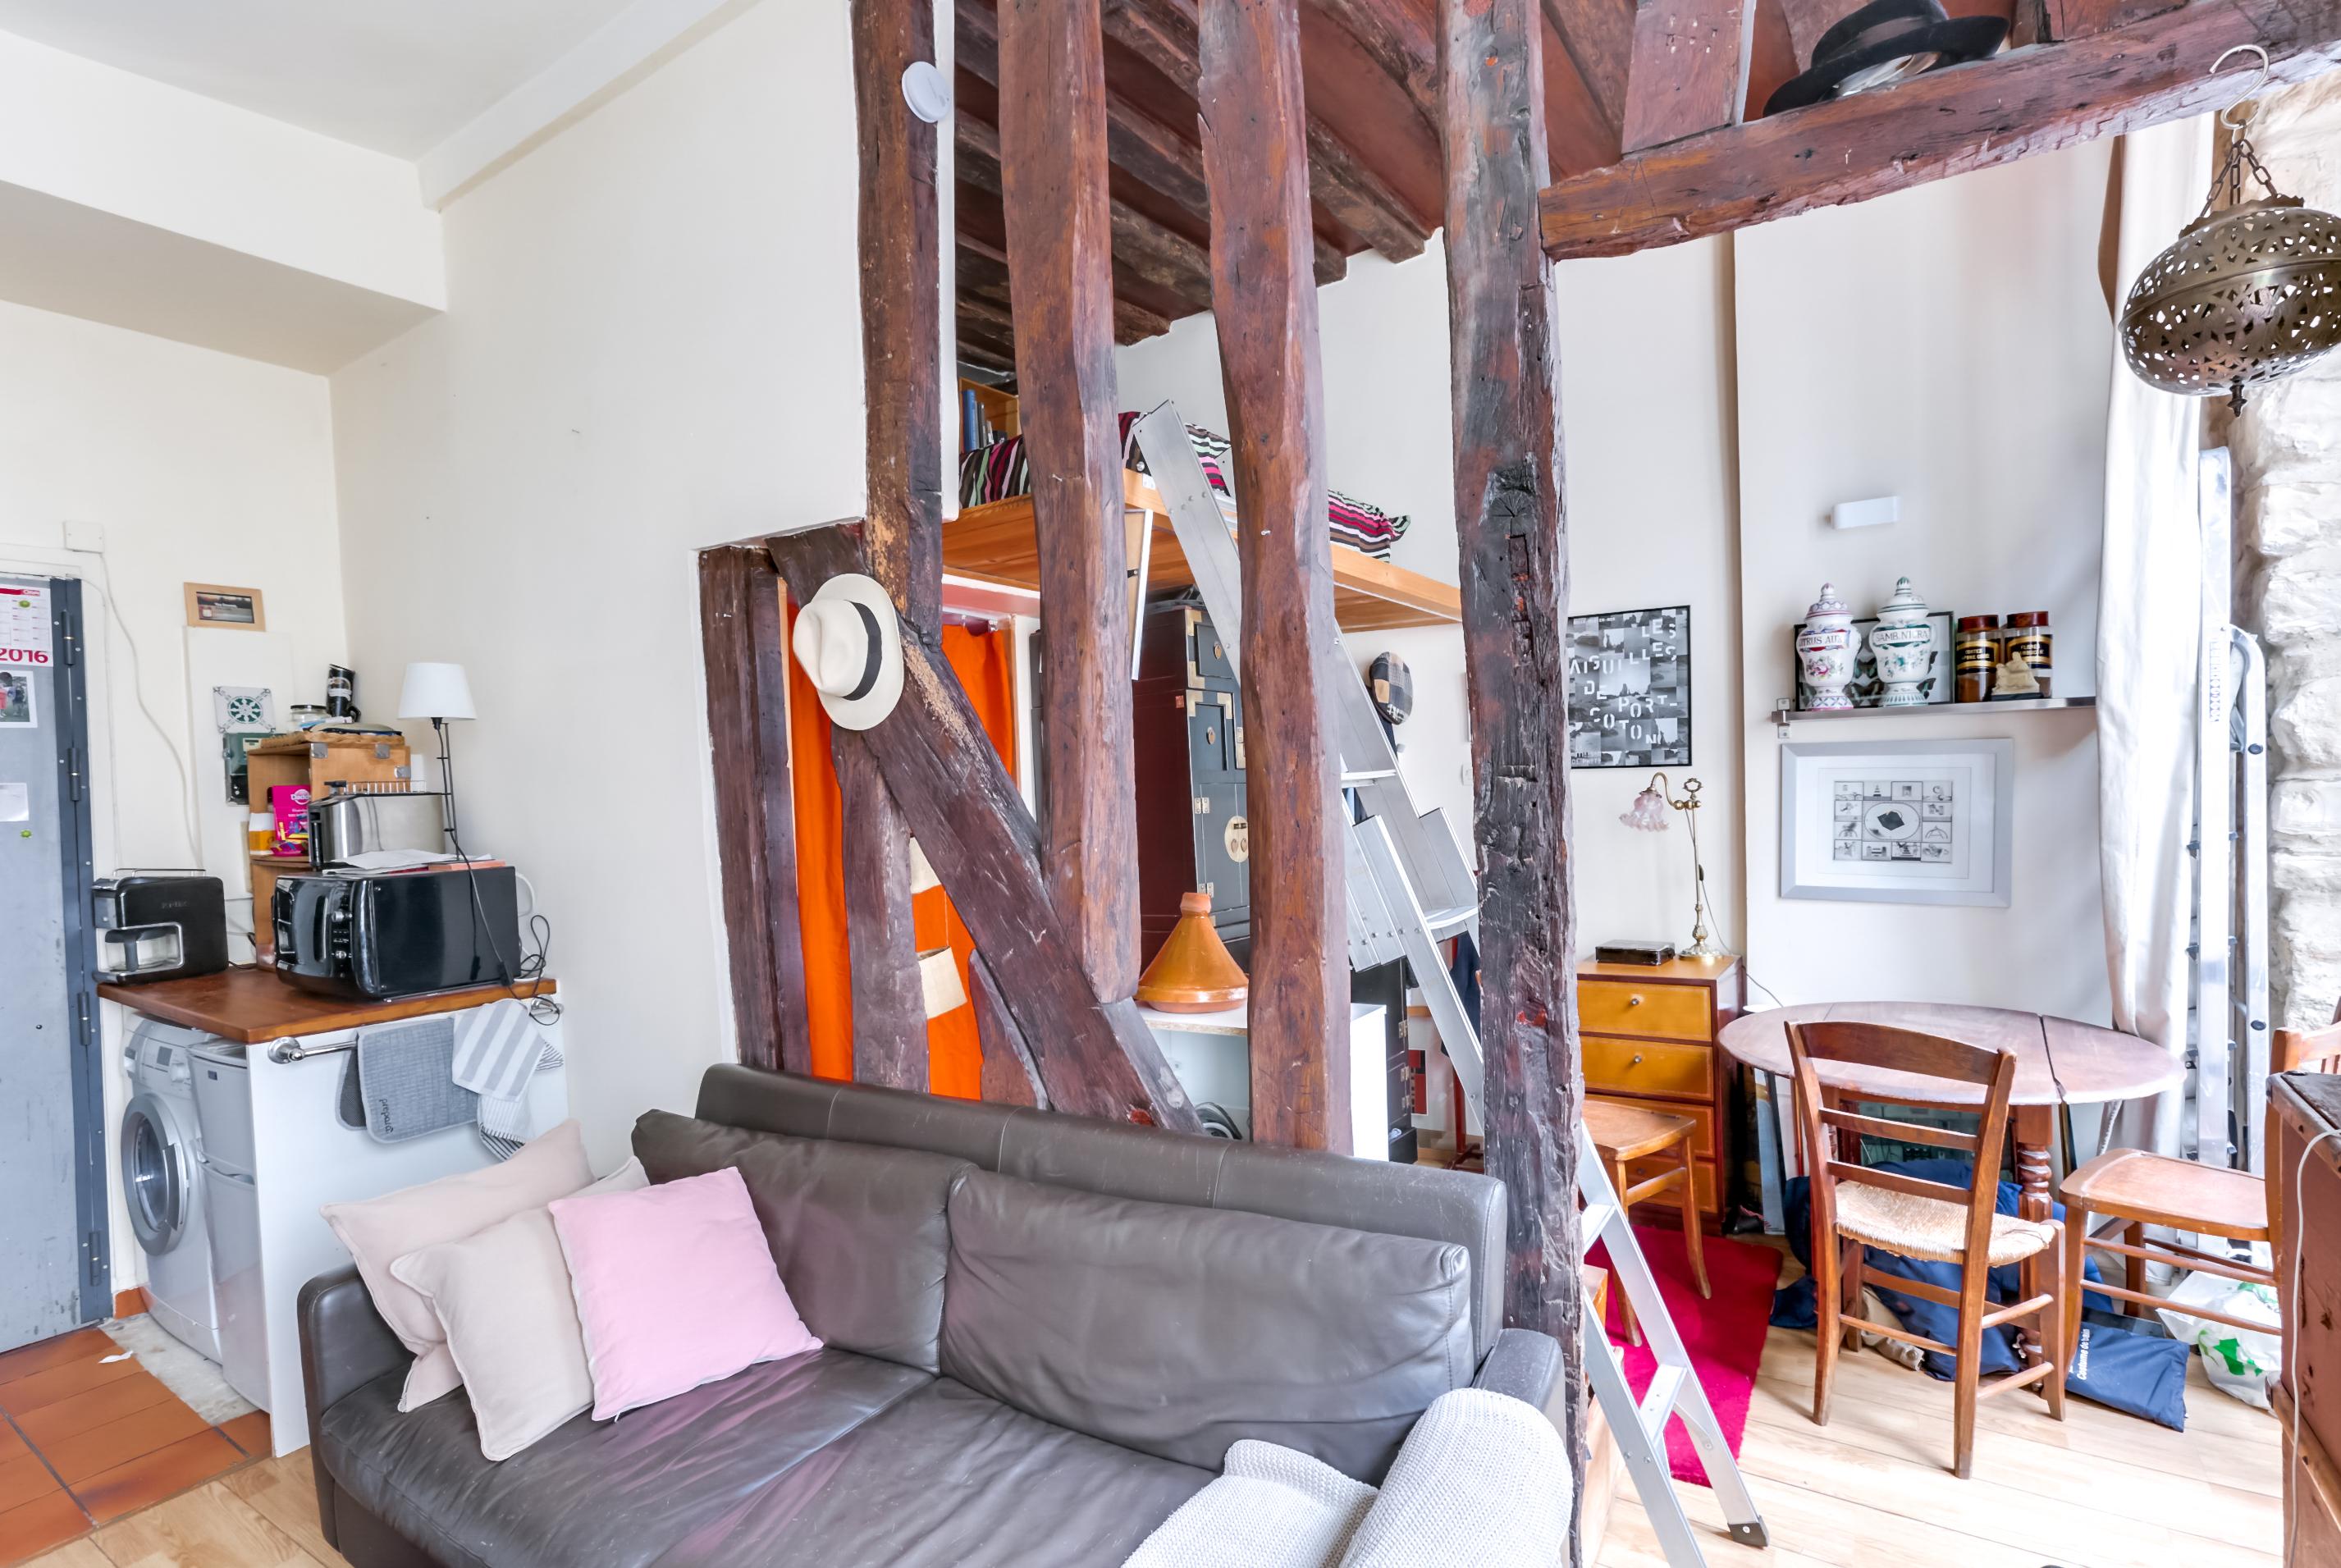 Appartement atypique paris 10 immobilier (5)